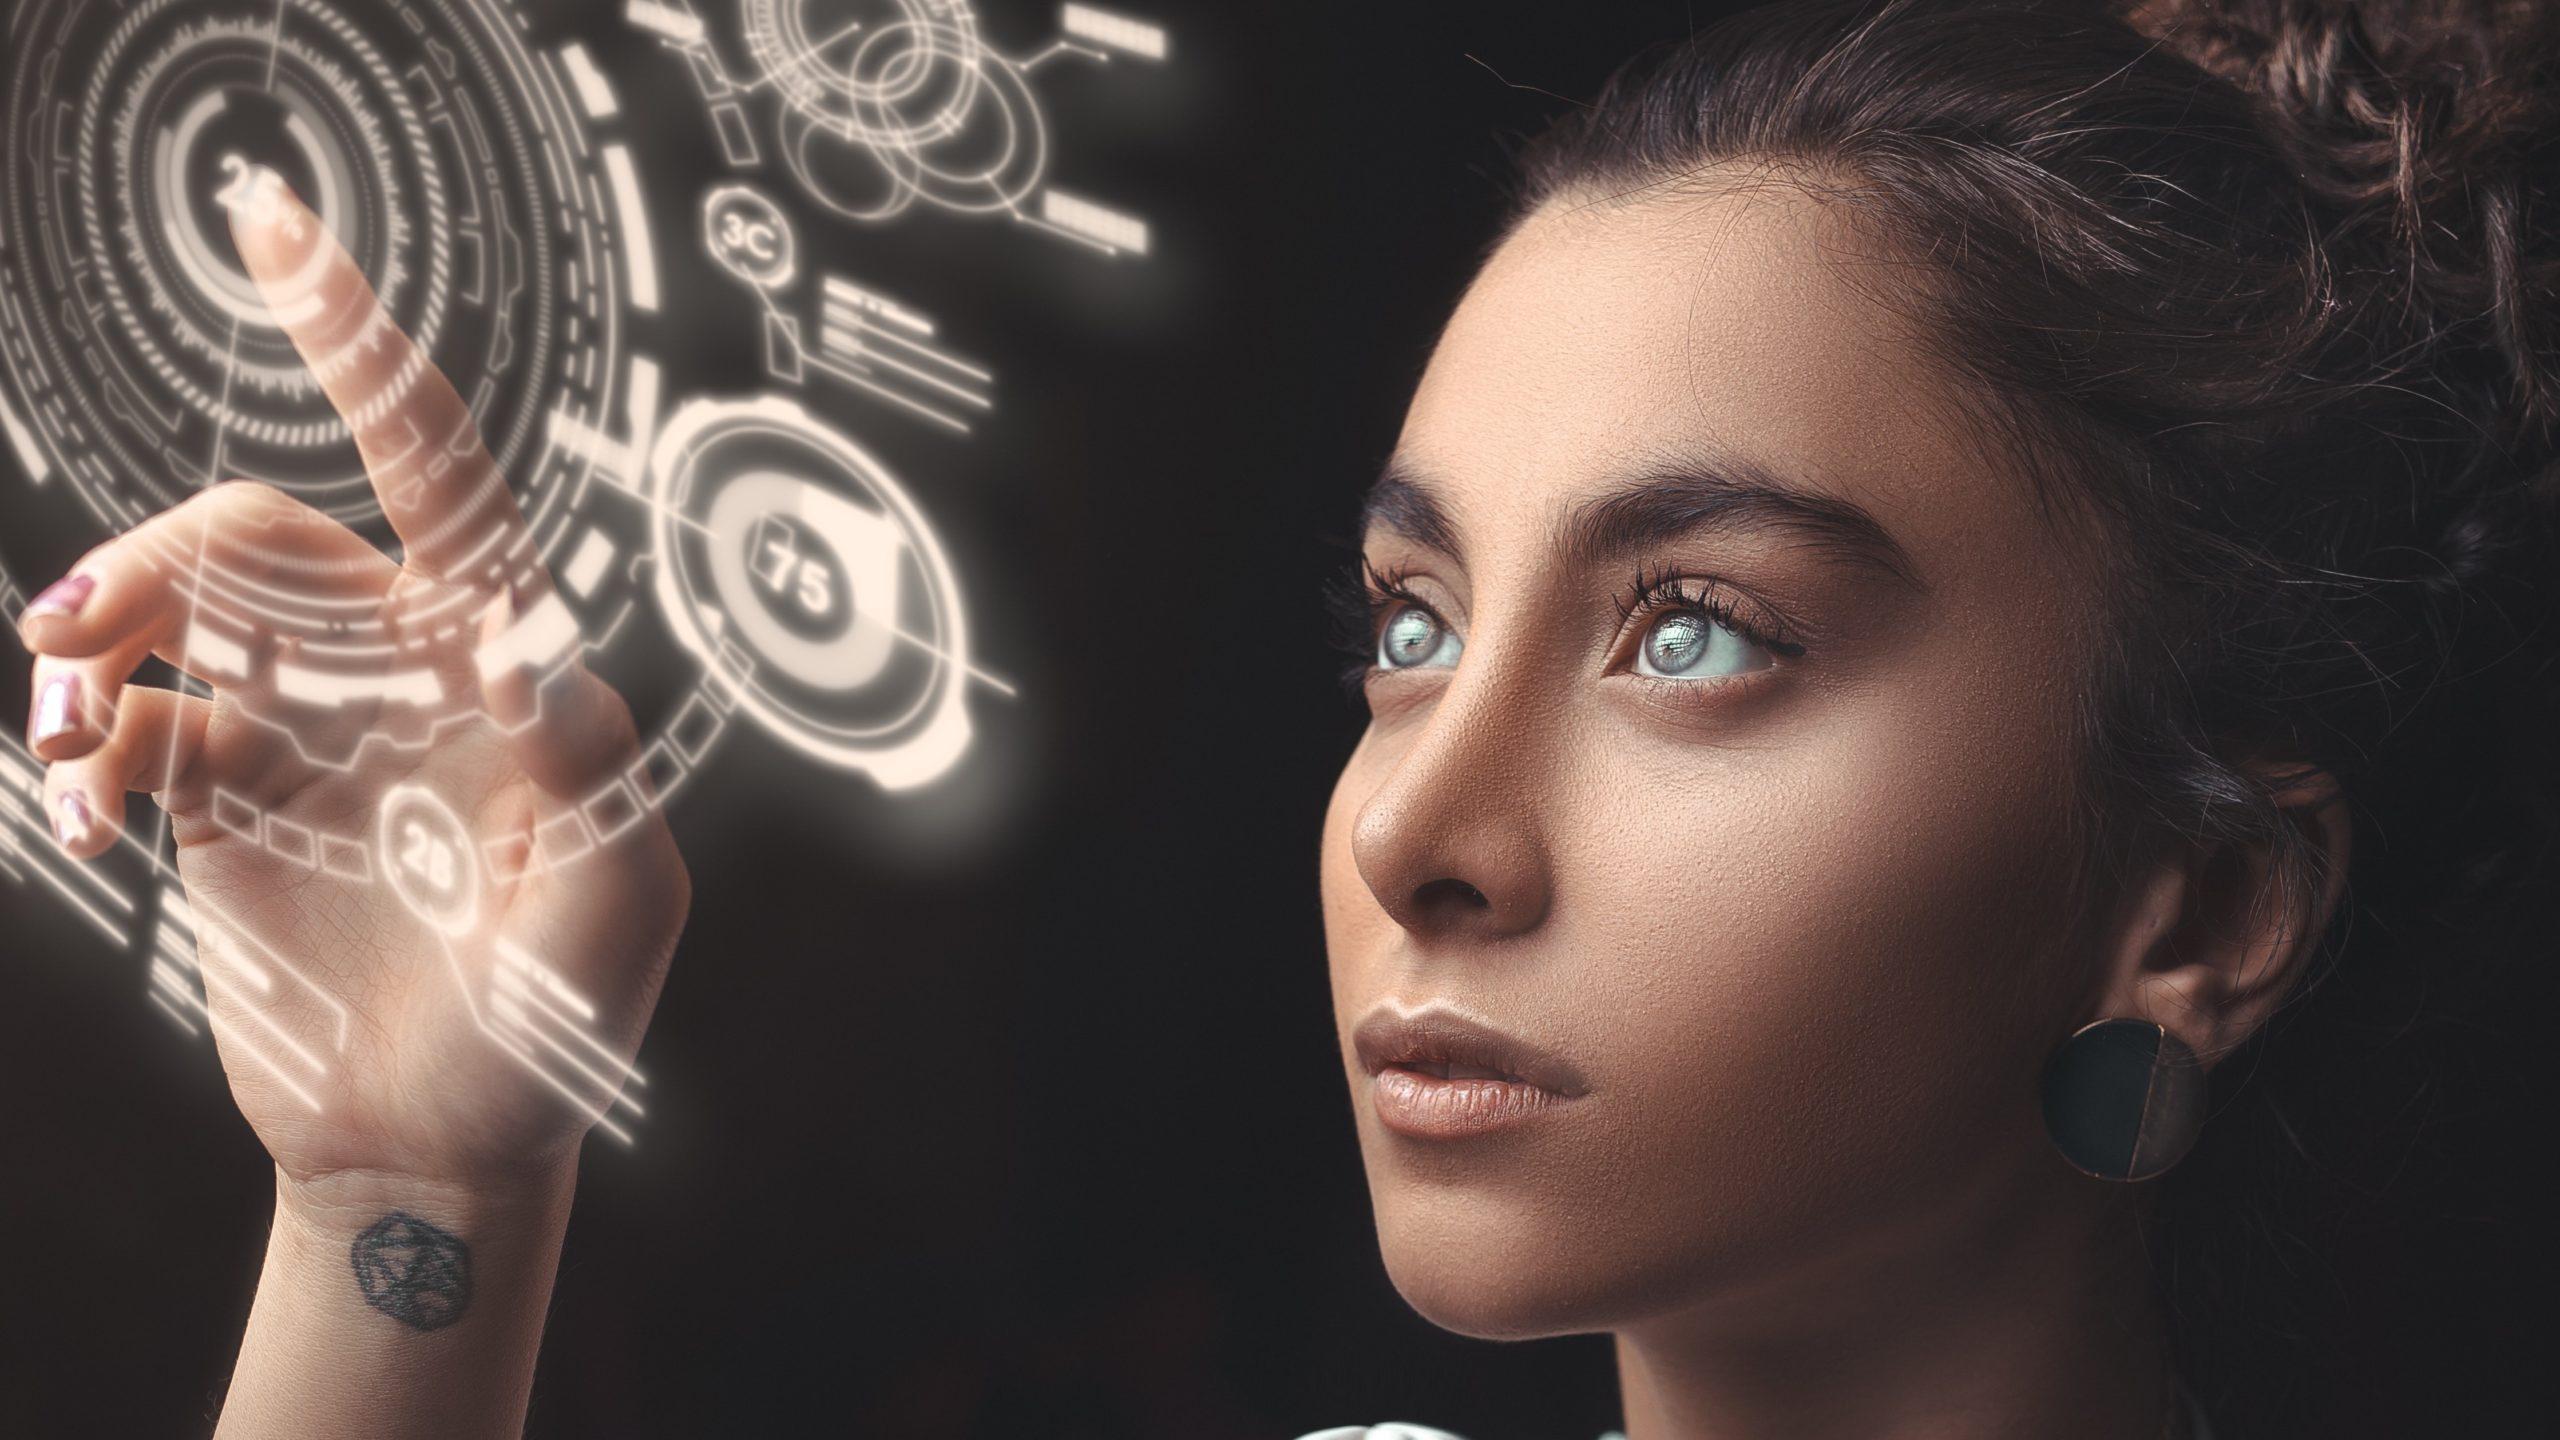 kobieta technologie ar przyszłość